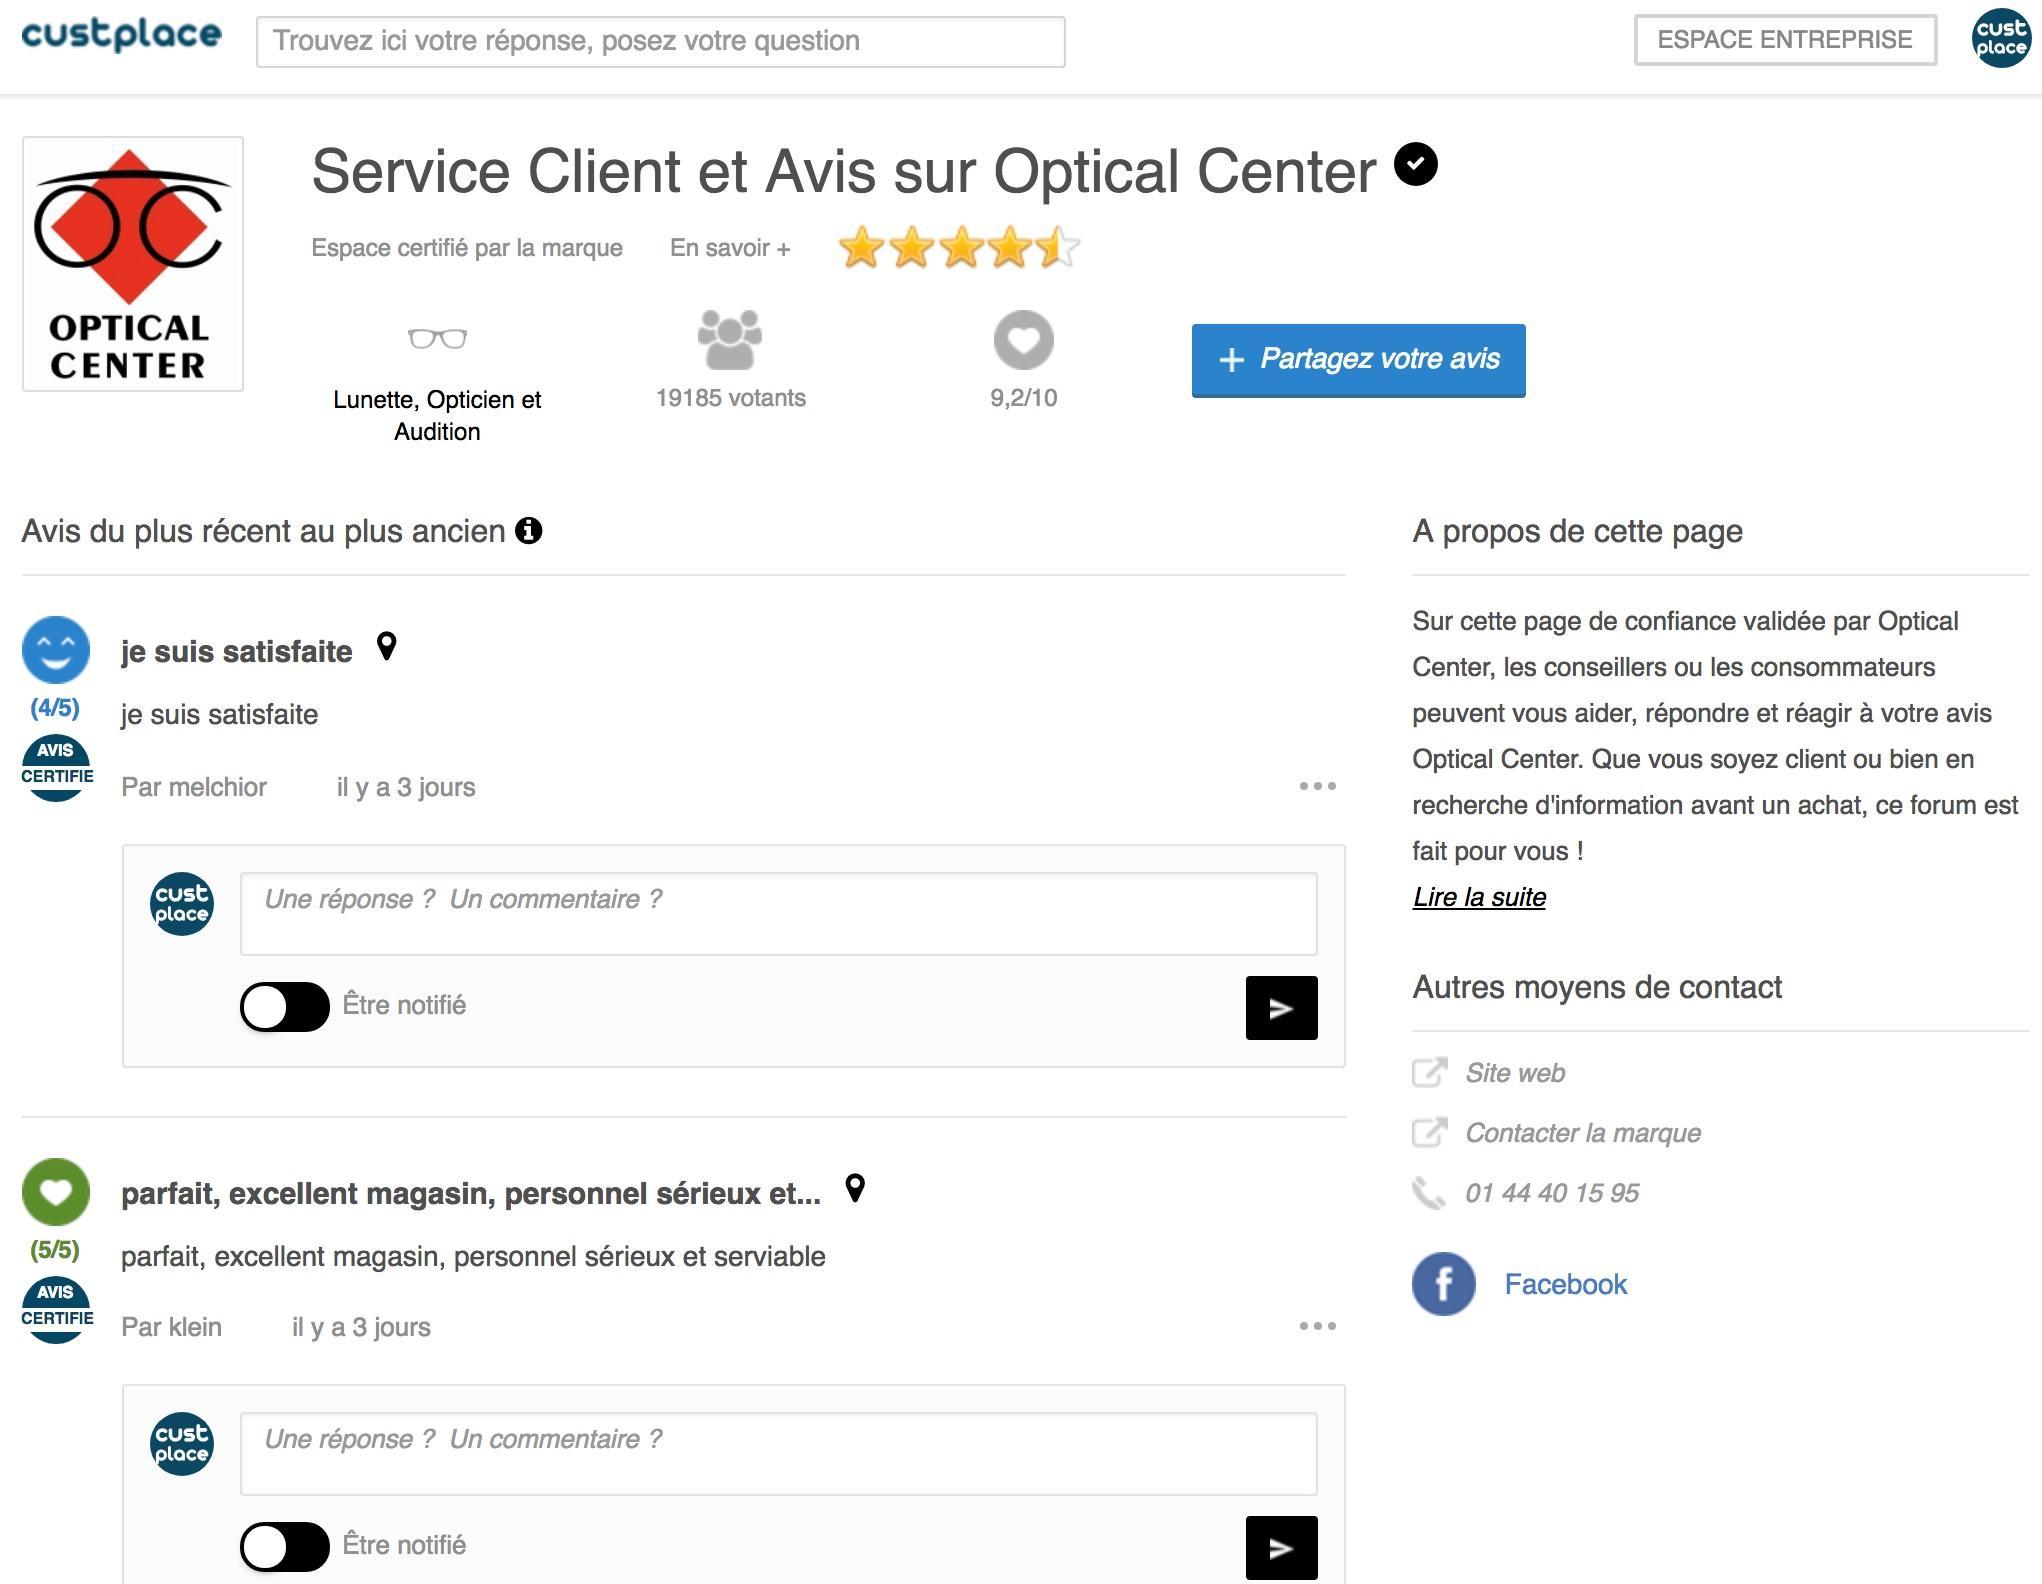 Page d'évaluation et de diffusion des avis clients